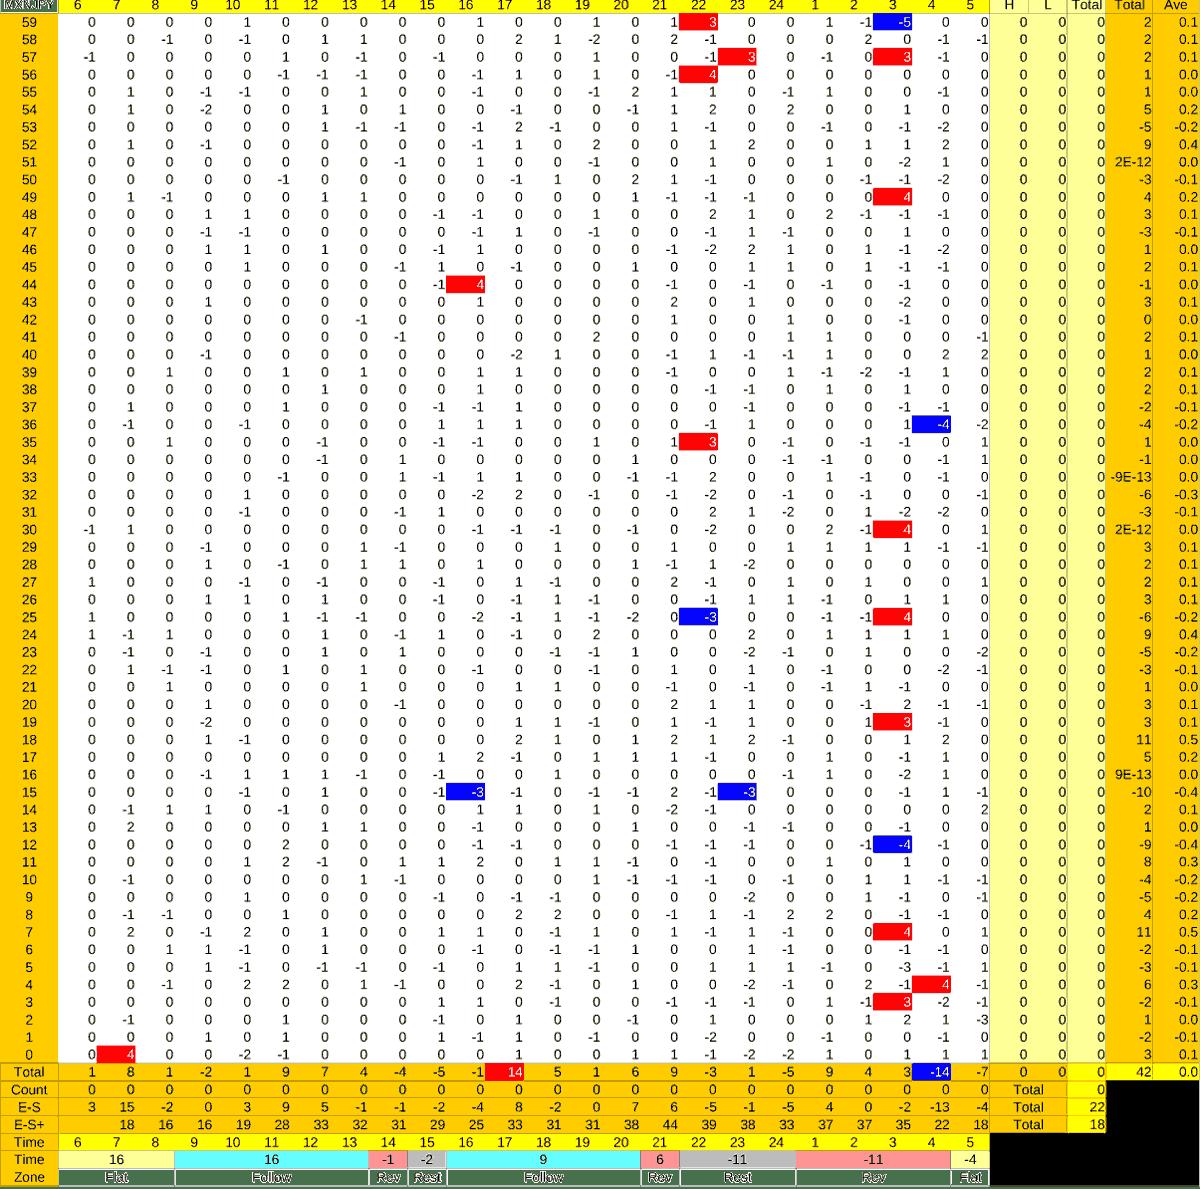 20210818_HS(3)MXNJPY-min